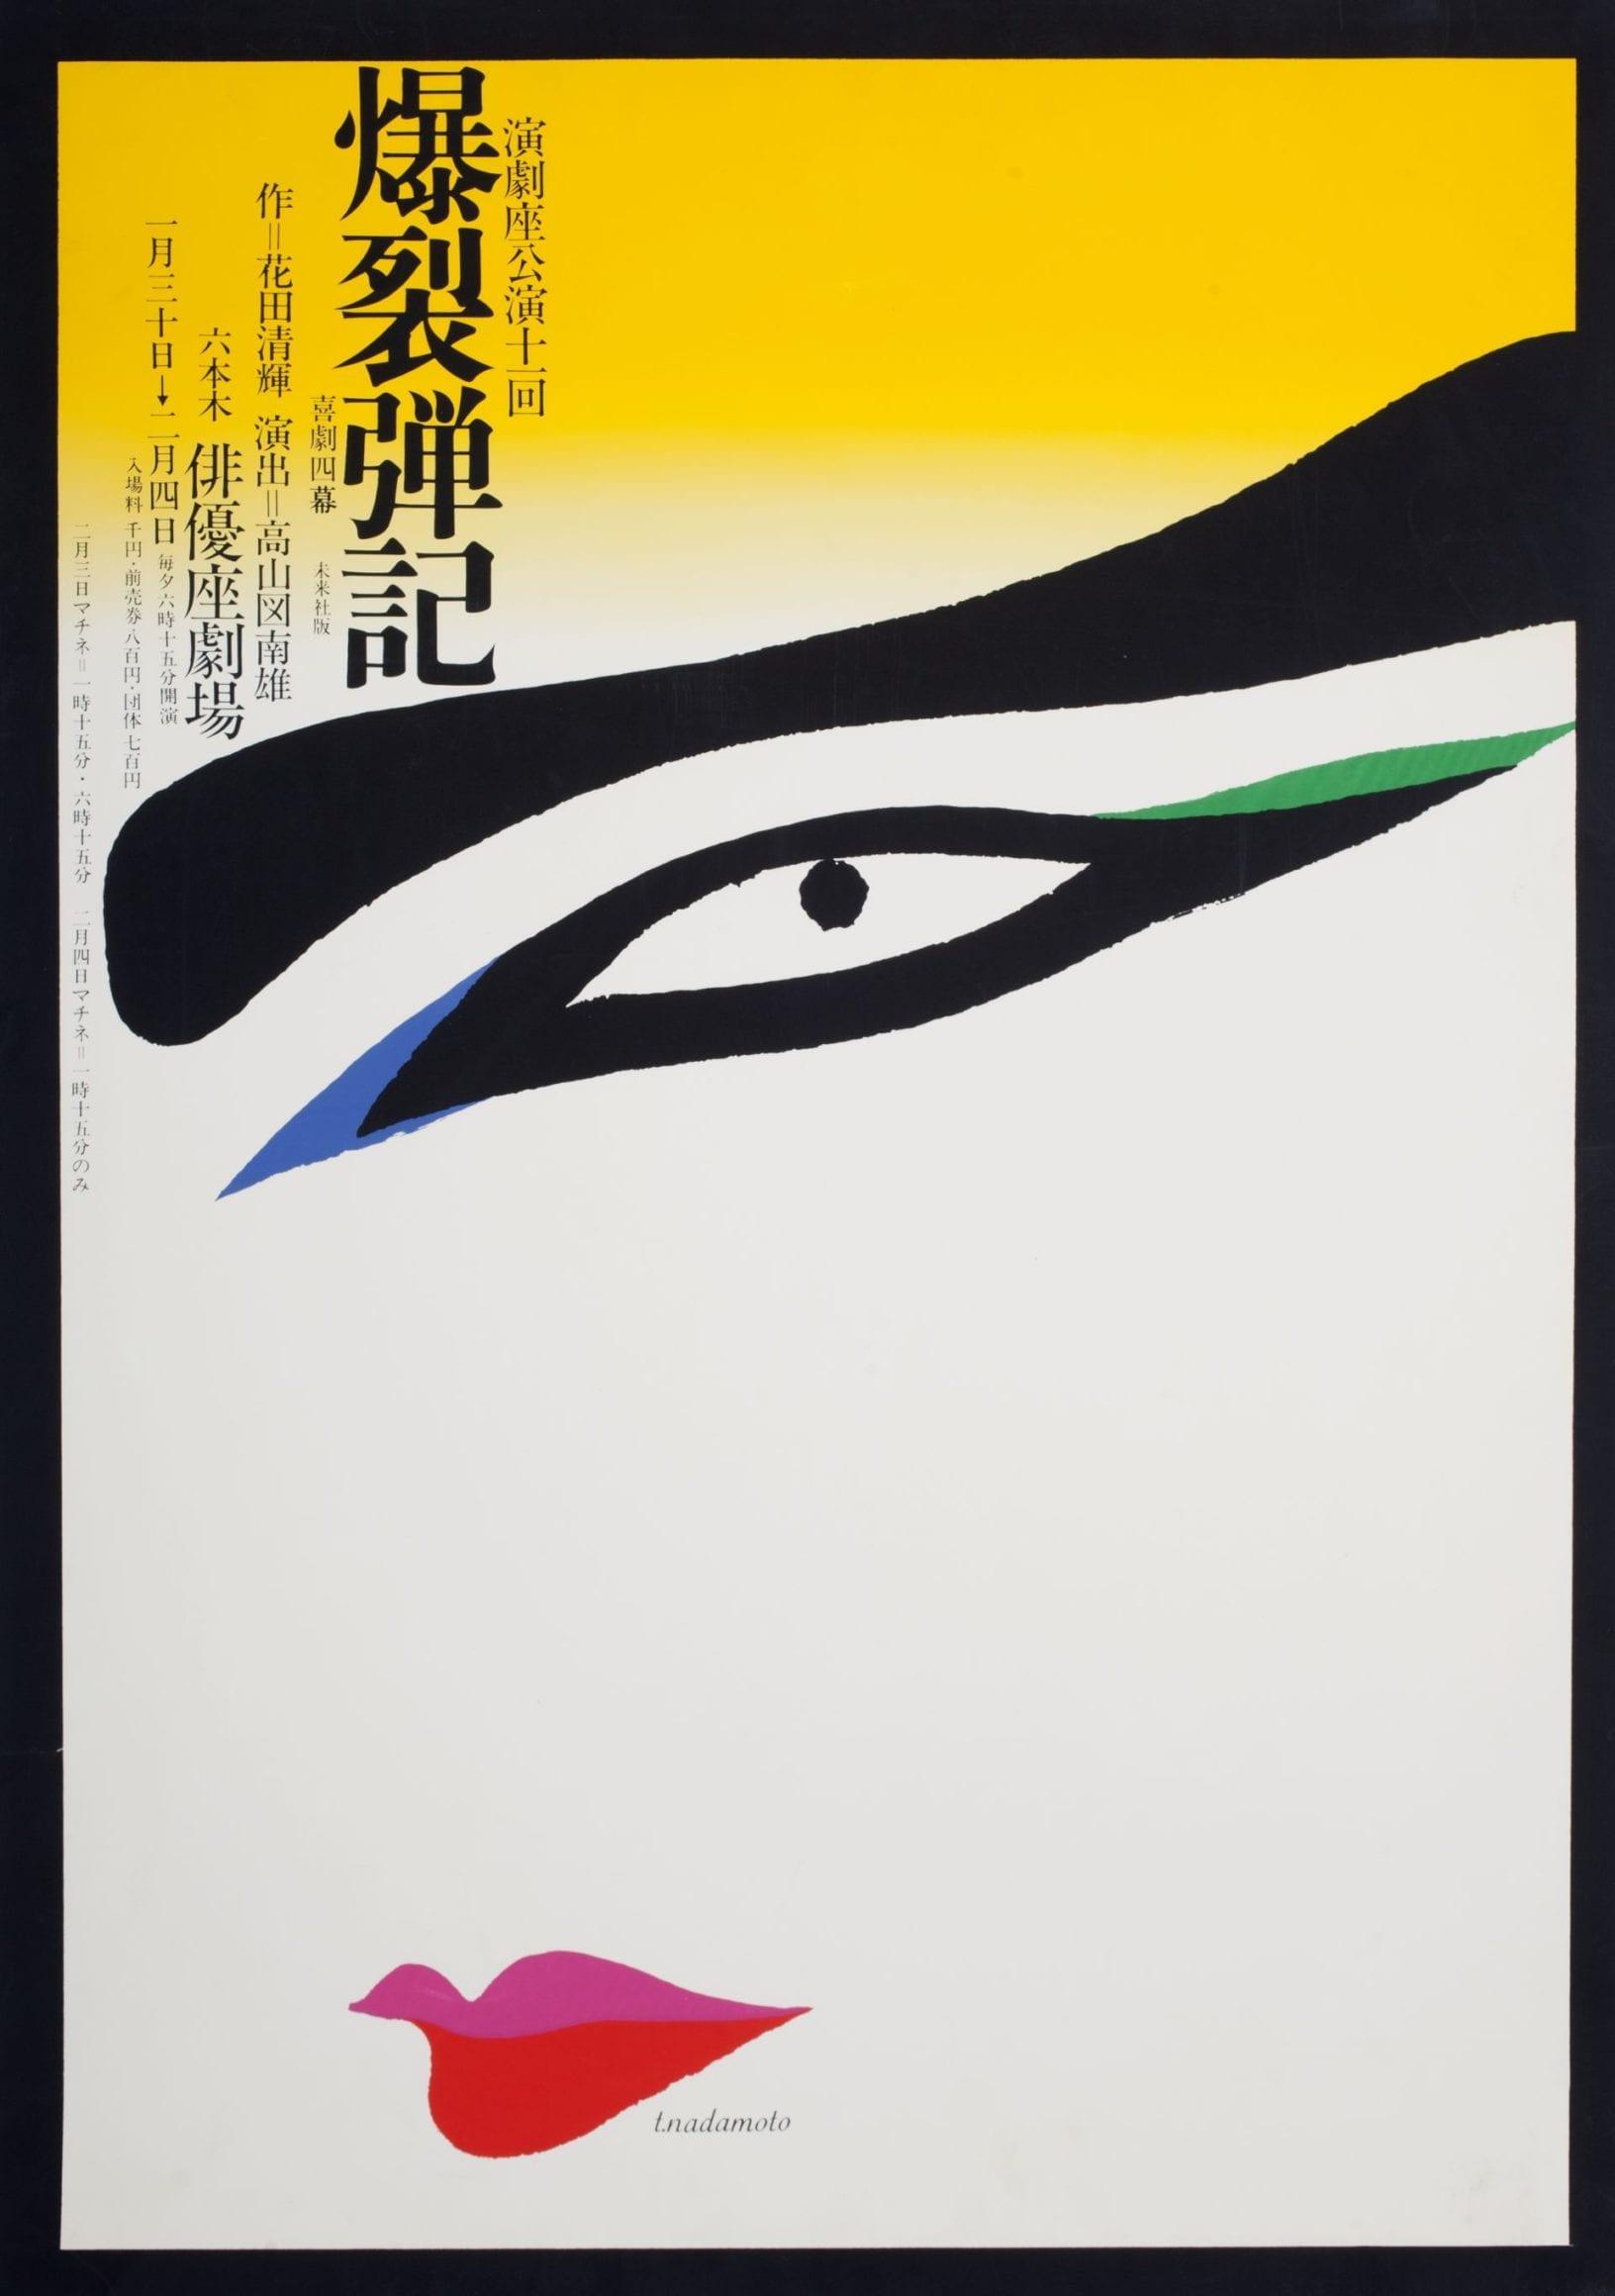 nadamotothj 6 - Farebné Japonsko prezentujú inšpiratívne plagáty